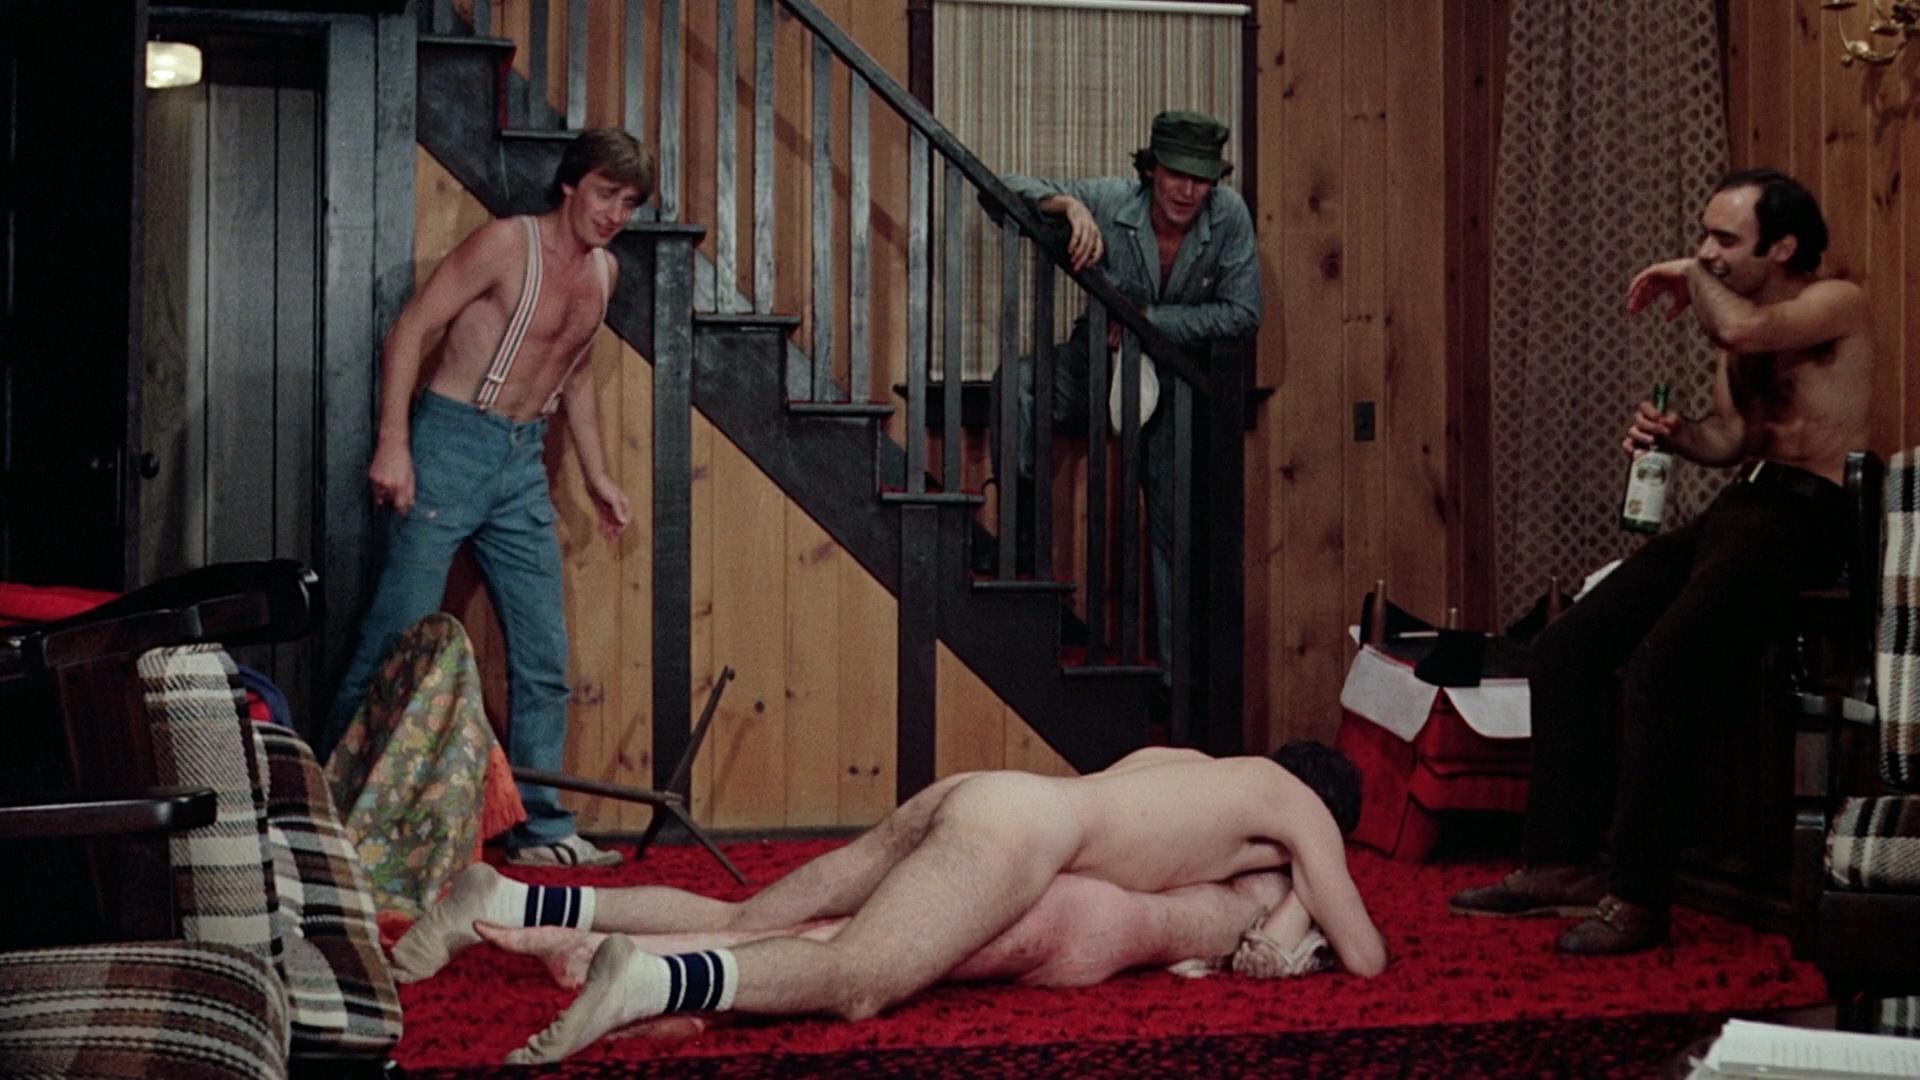 русская порнуха жестокий секс фильмы